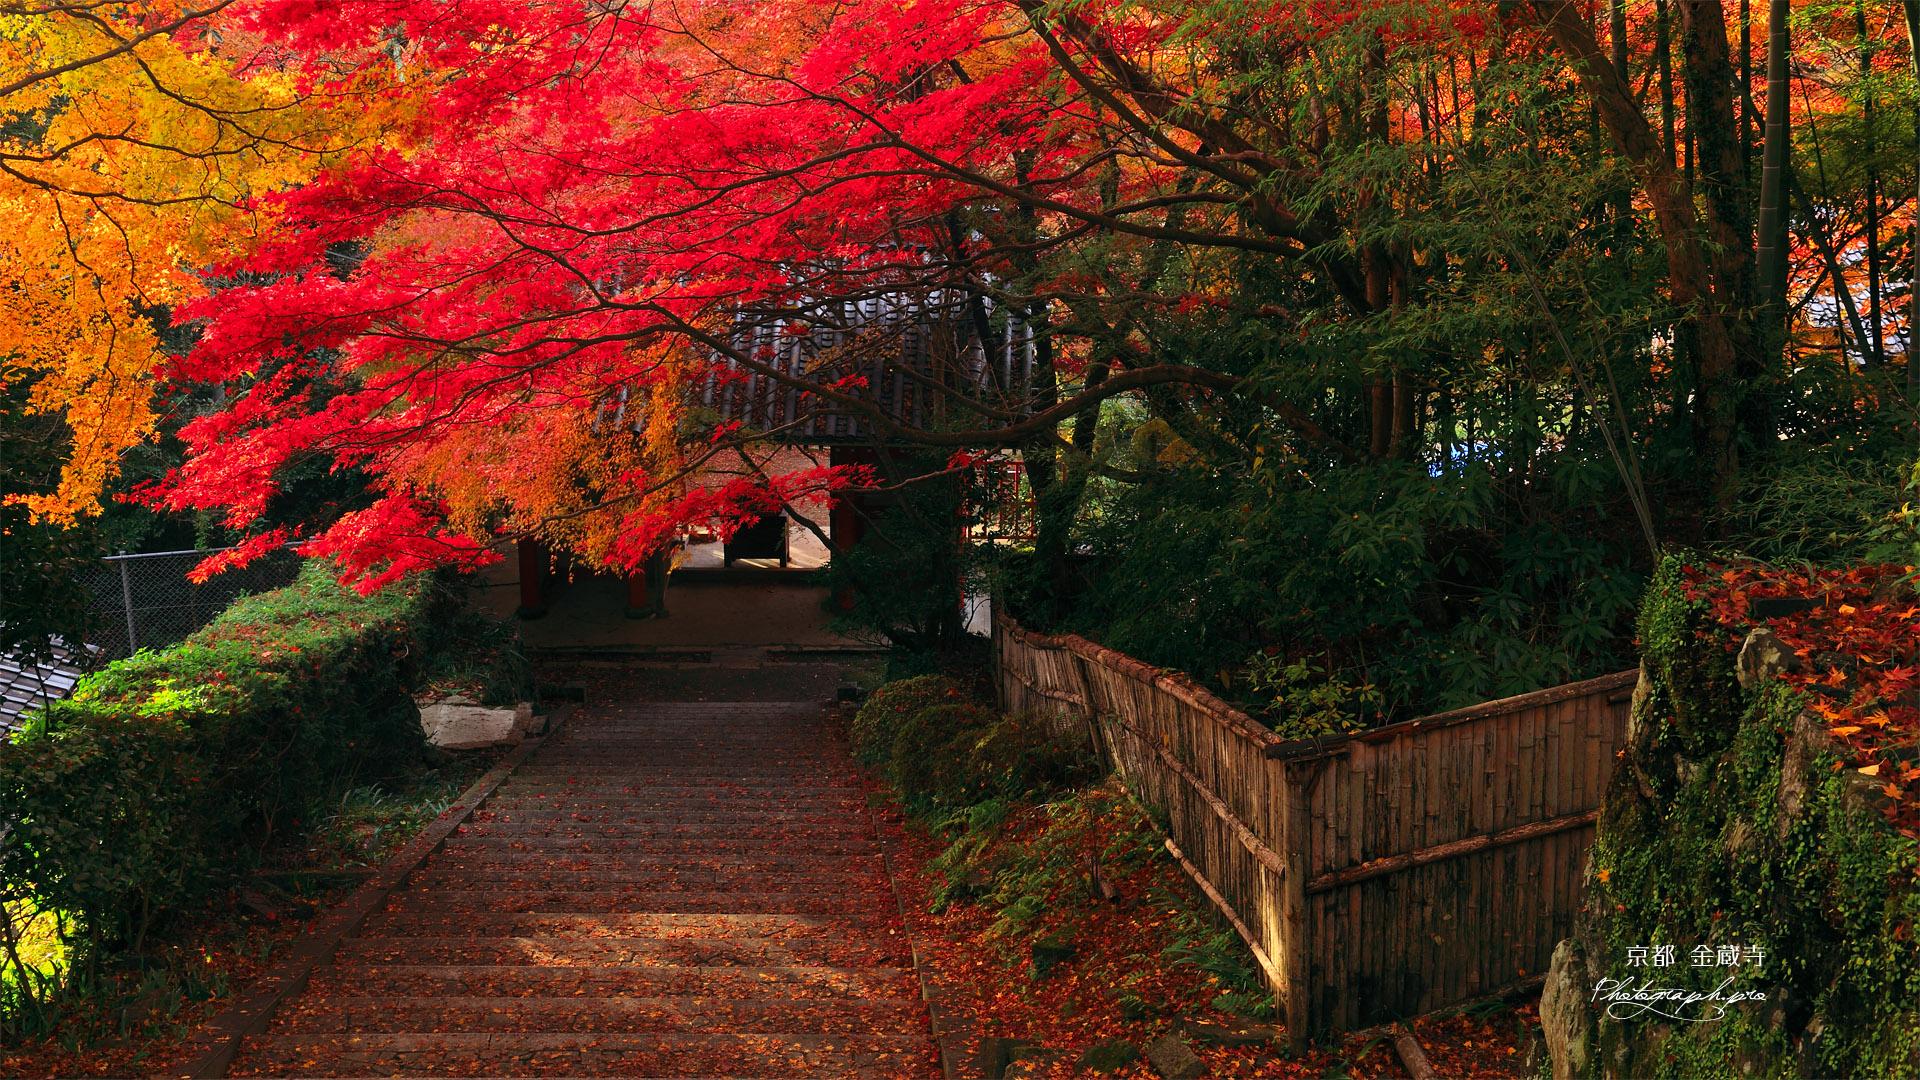 京都金蔵寺 参道の紅葉 の壁紙 19x1080